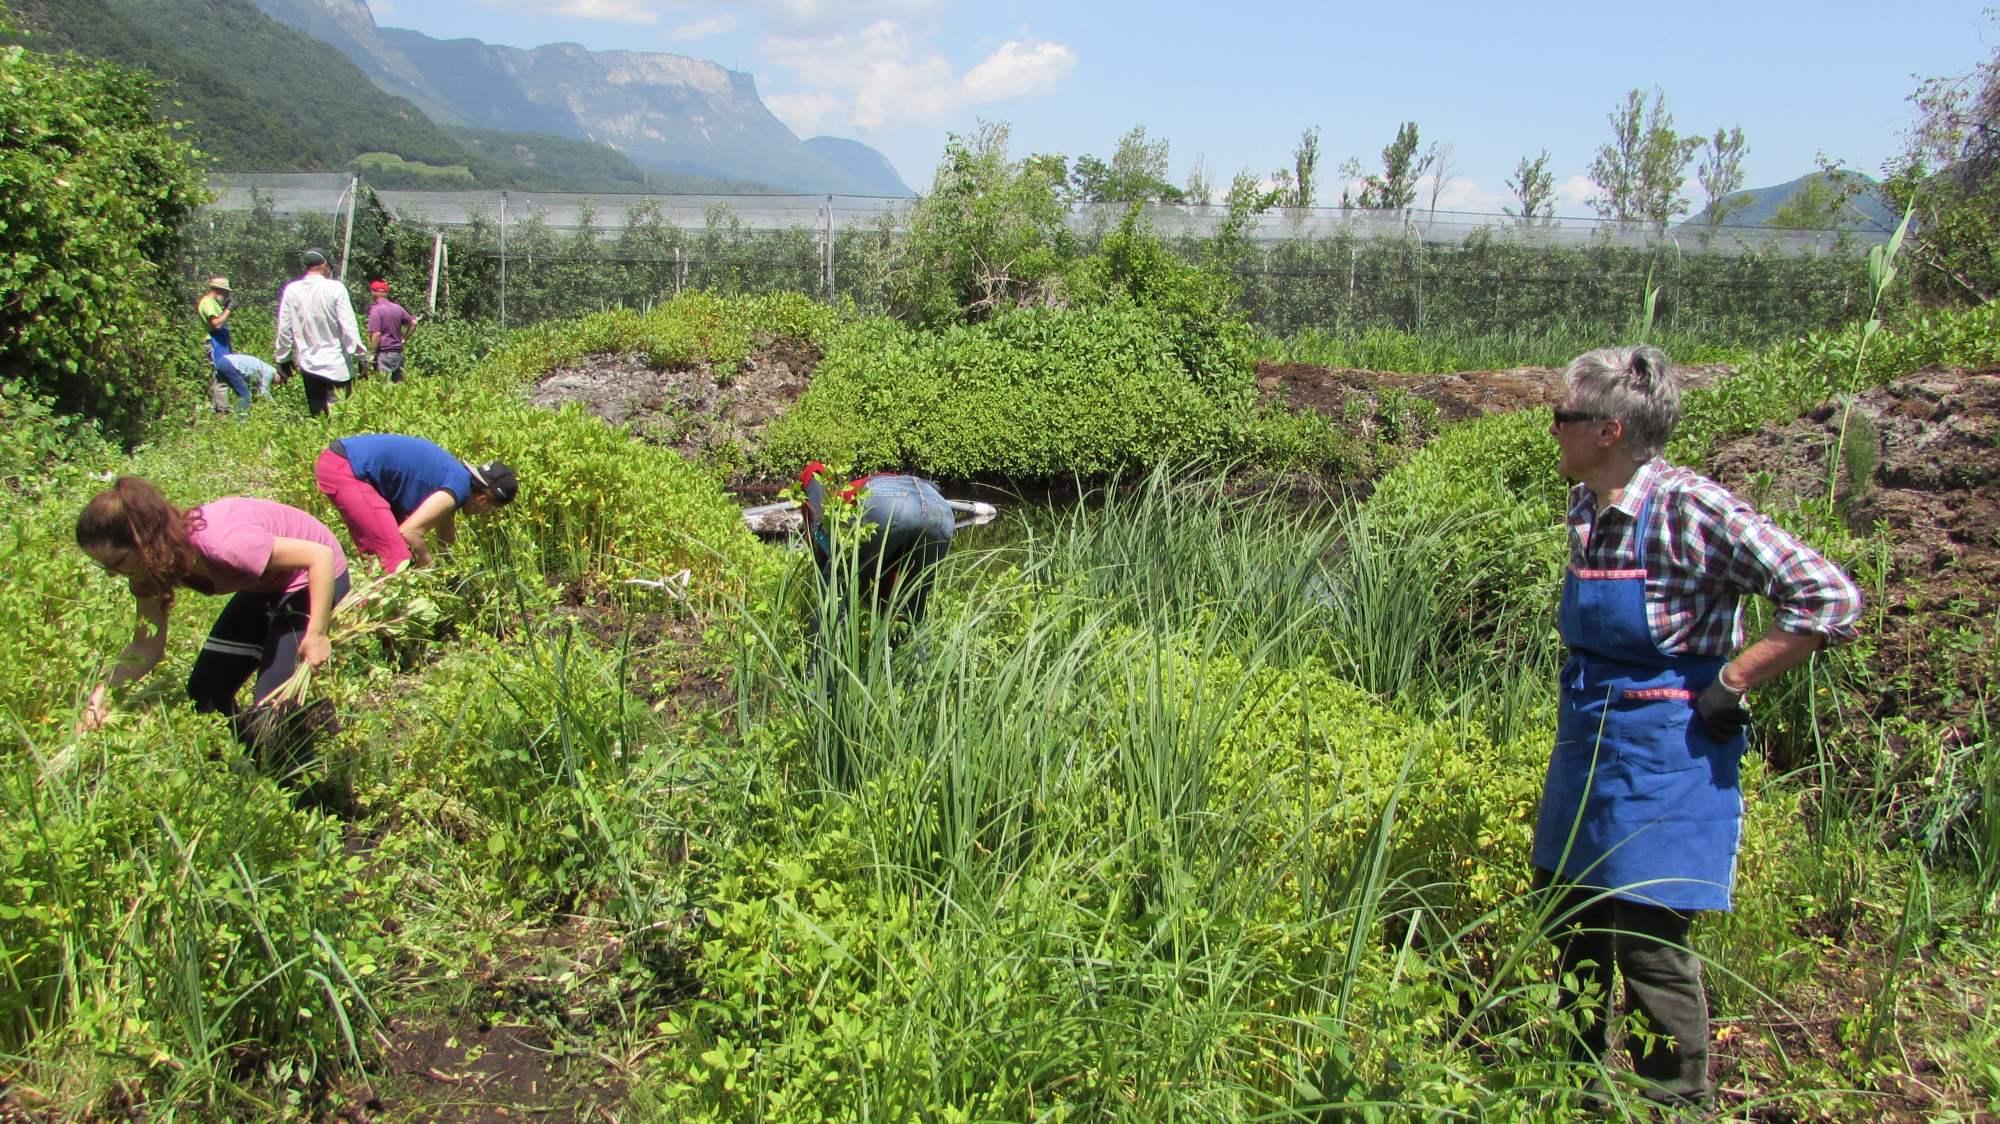 Biotoppflegeaktion am Kalterer See